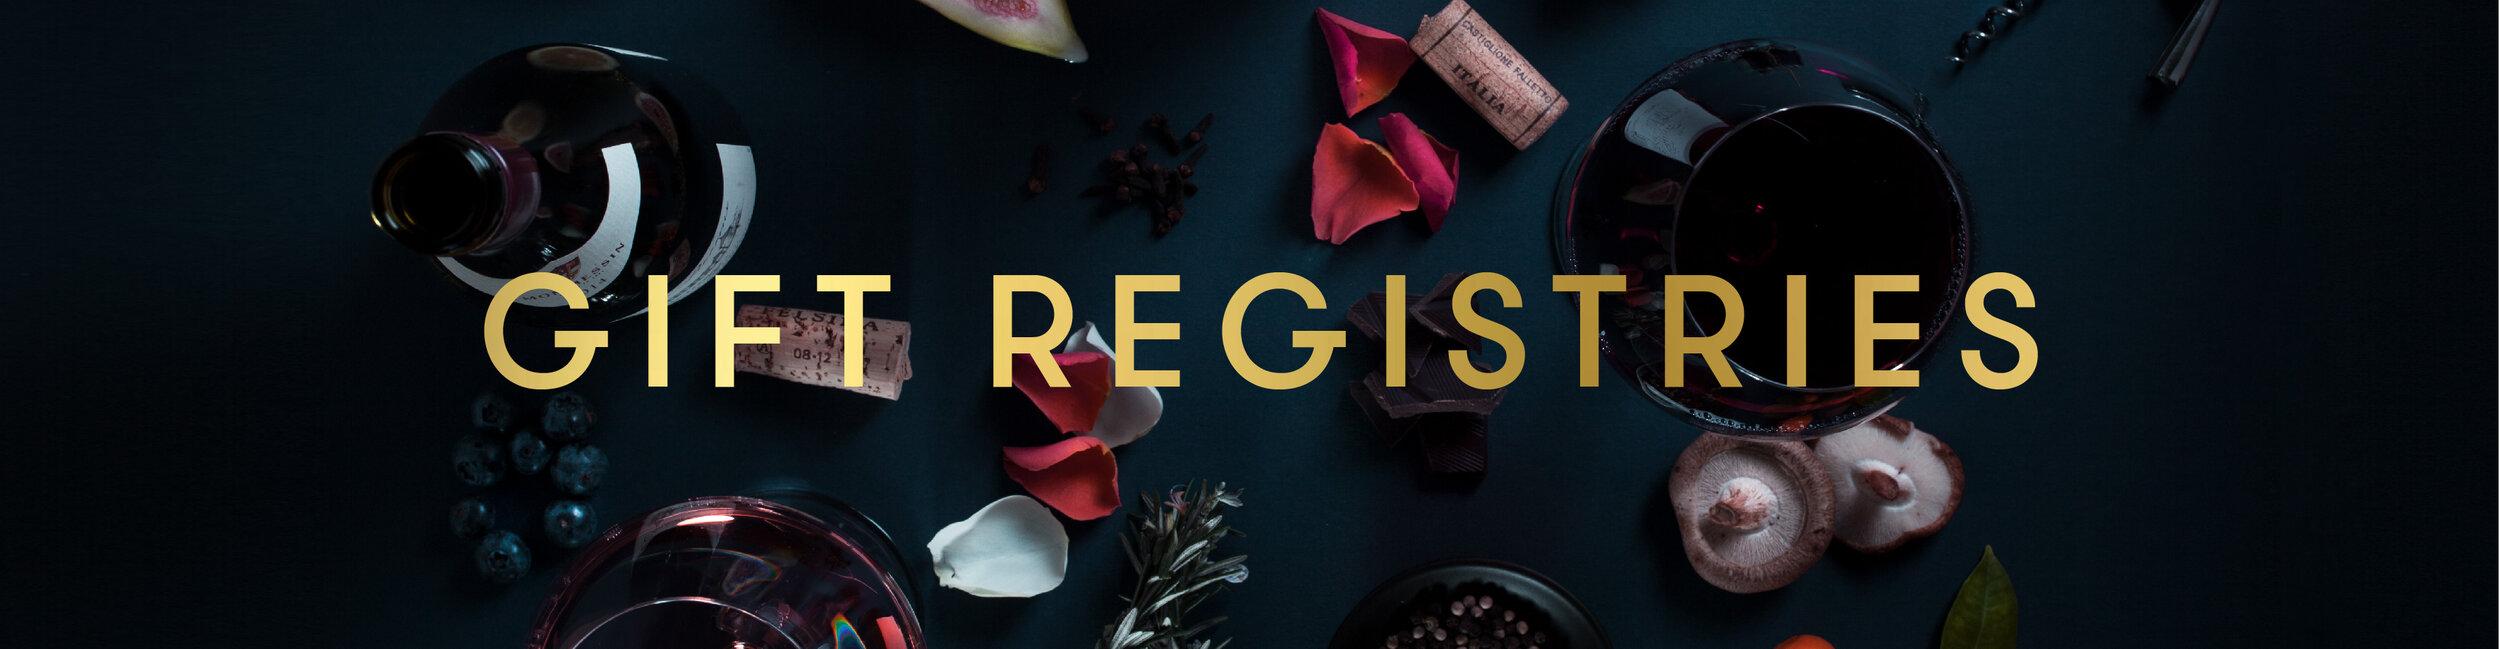 gift registries banner2-02-02.jpg